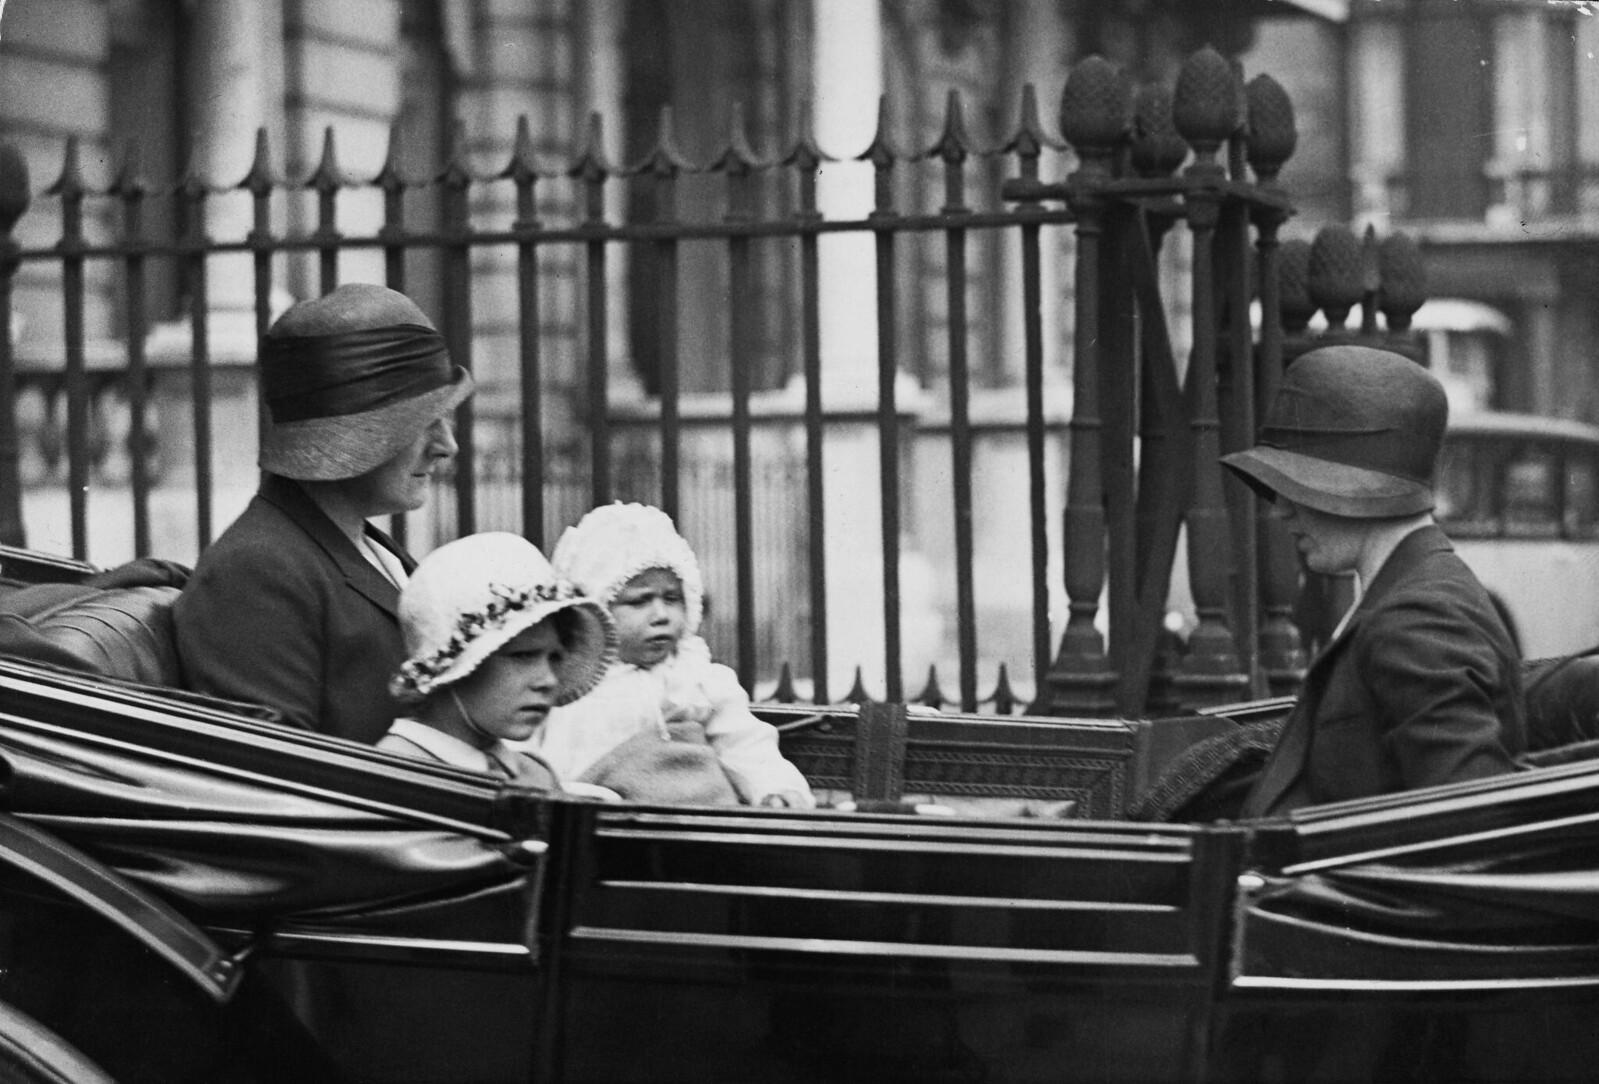 22 июля. Принцесса Елизавета и принцесса Маргарет едут со своей няней, возможно, Кларой Найт, в карете из своего дома на Пикадилли